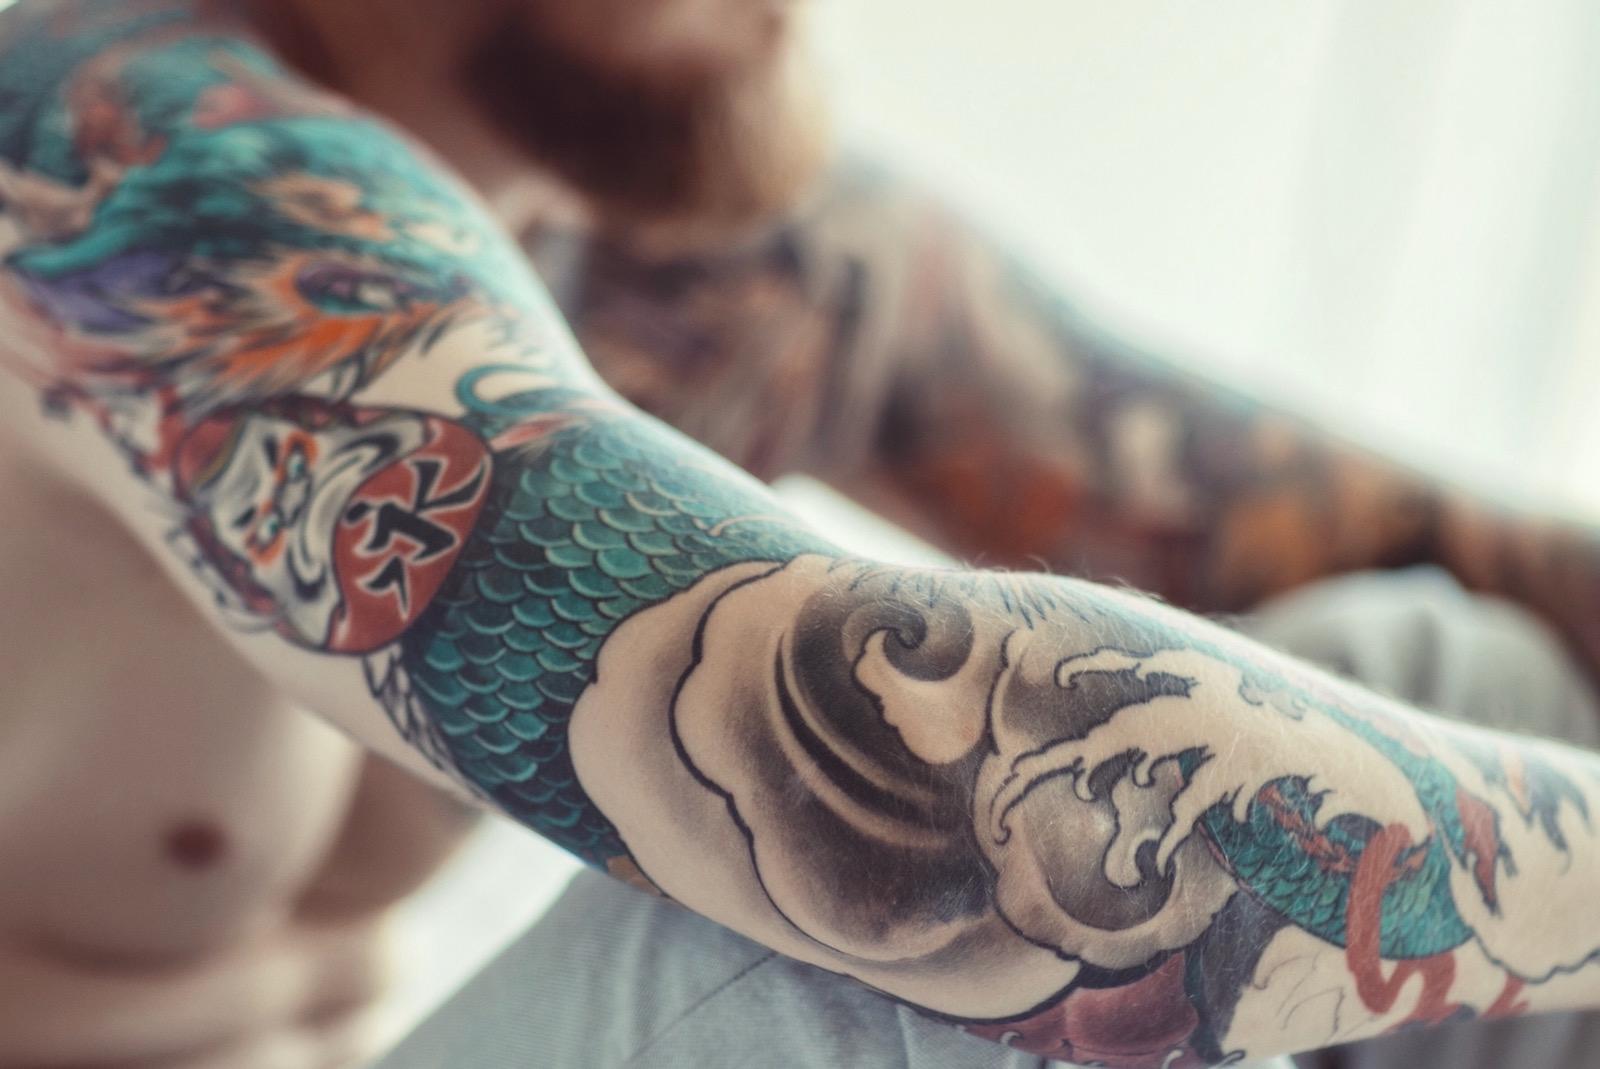 CBD pflegt Tattoos und fördert die Heilung